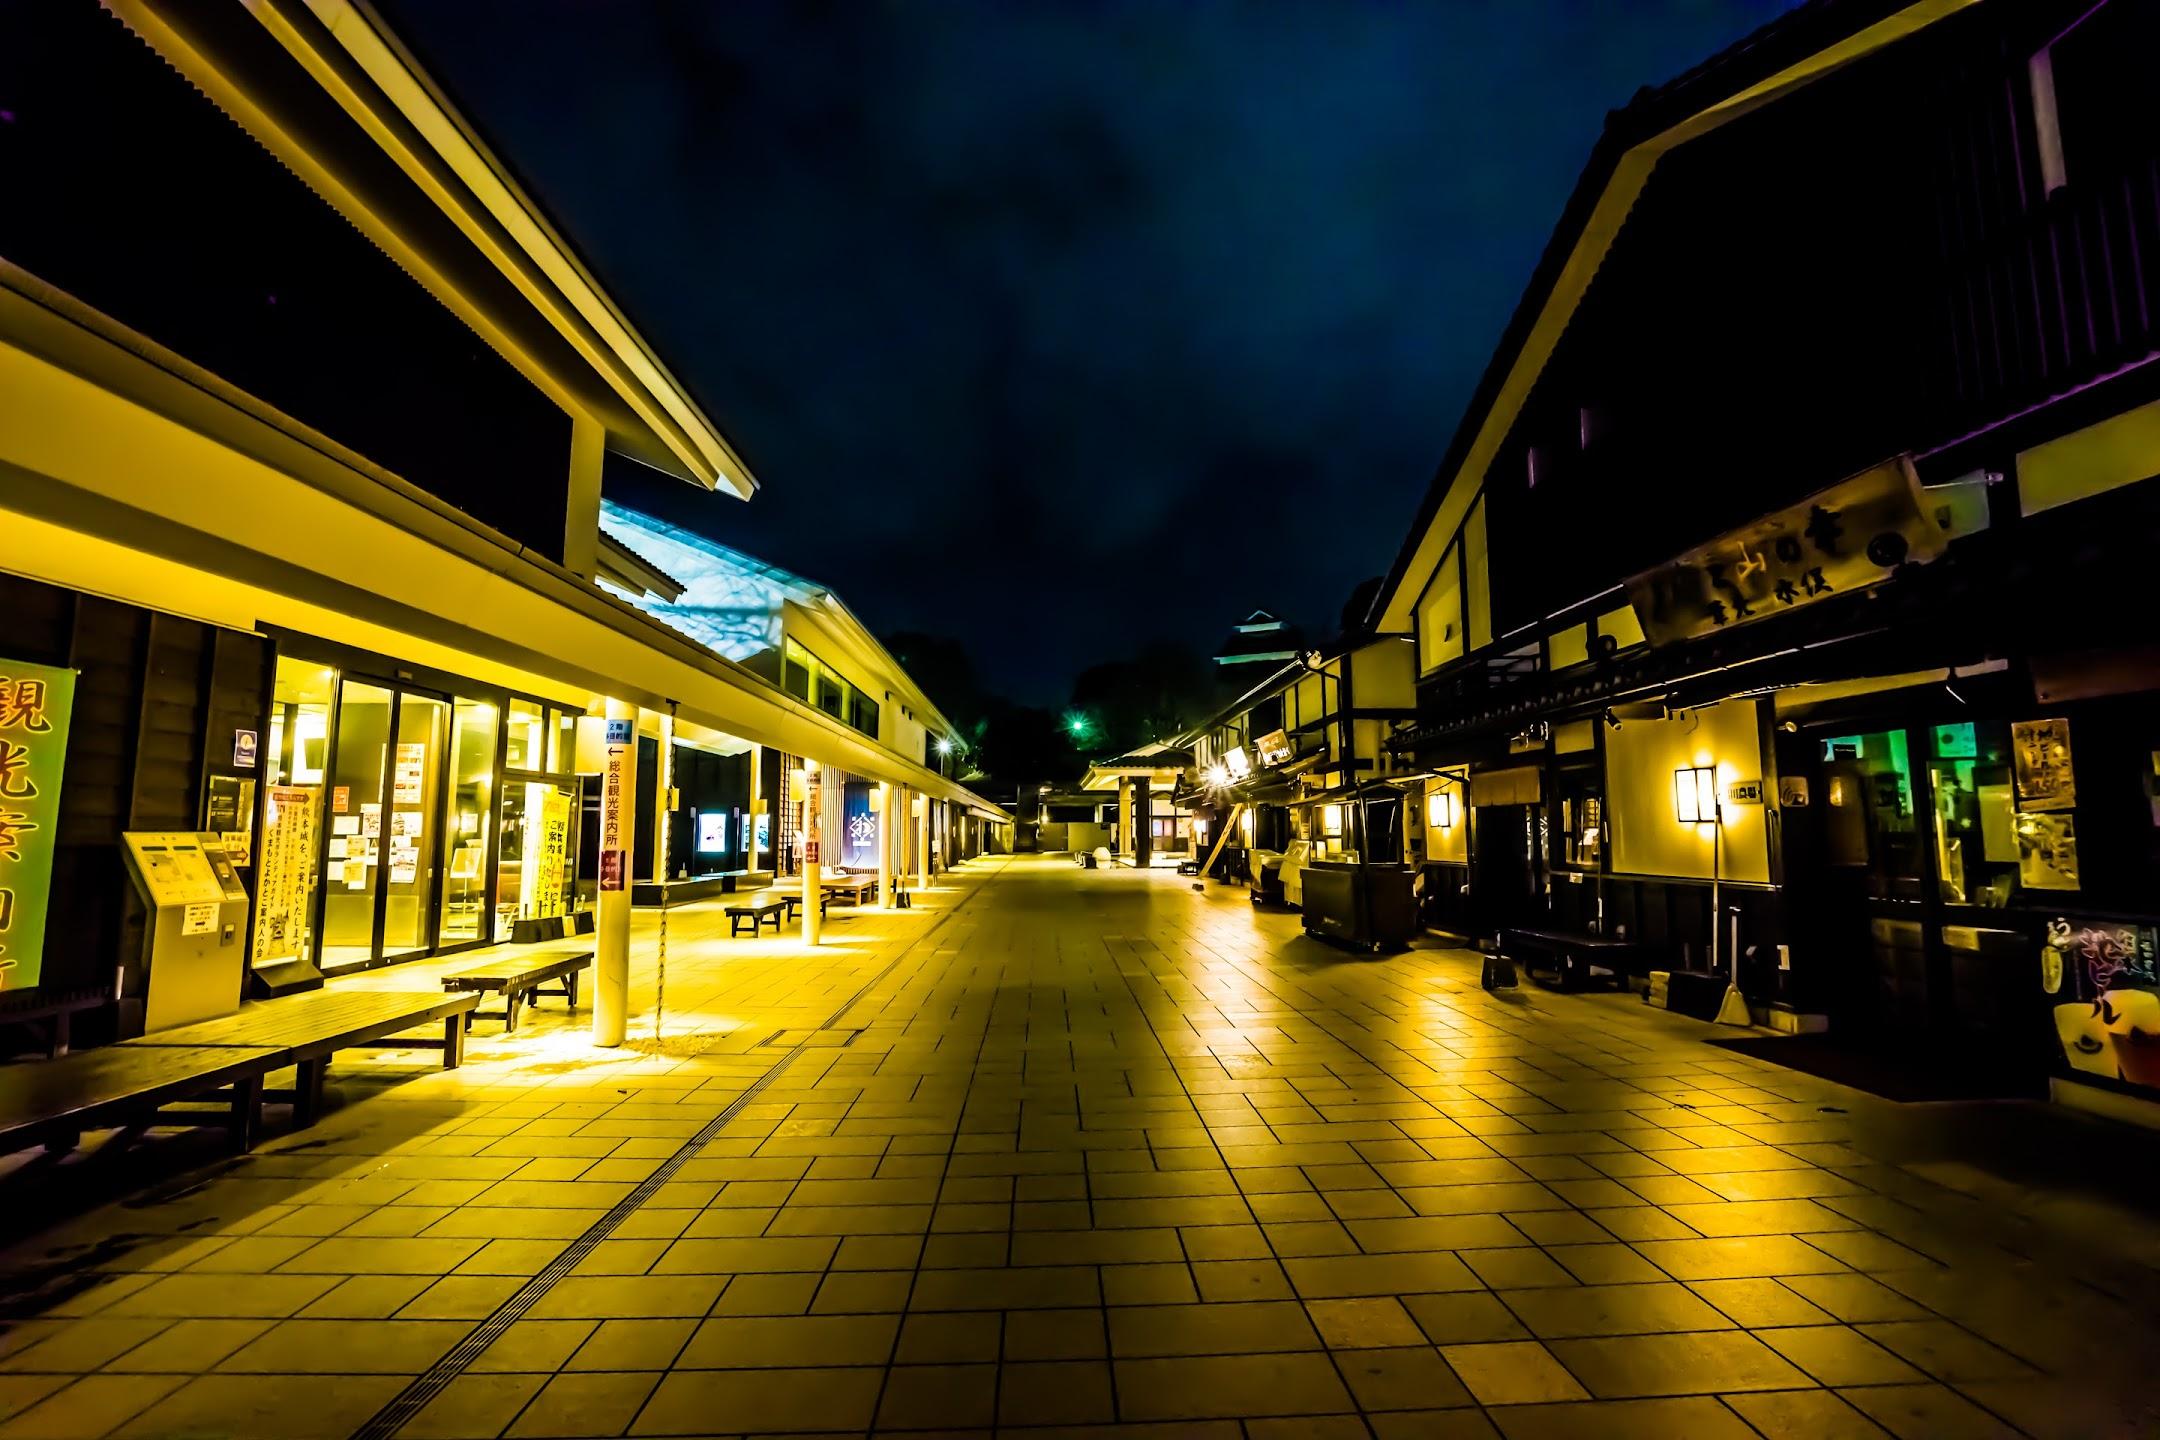 熊本 桜の小路 ライトアップ1